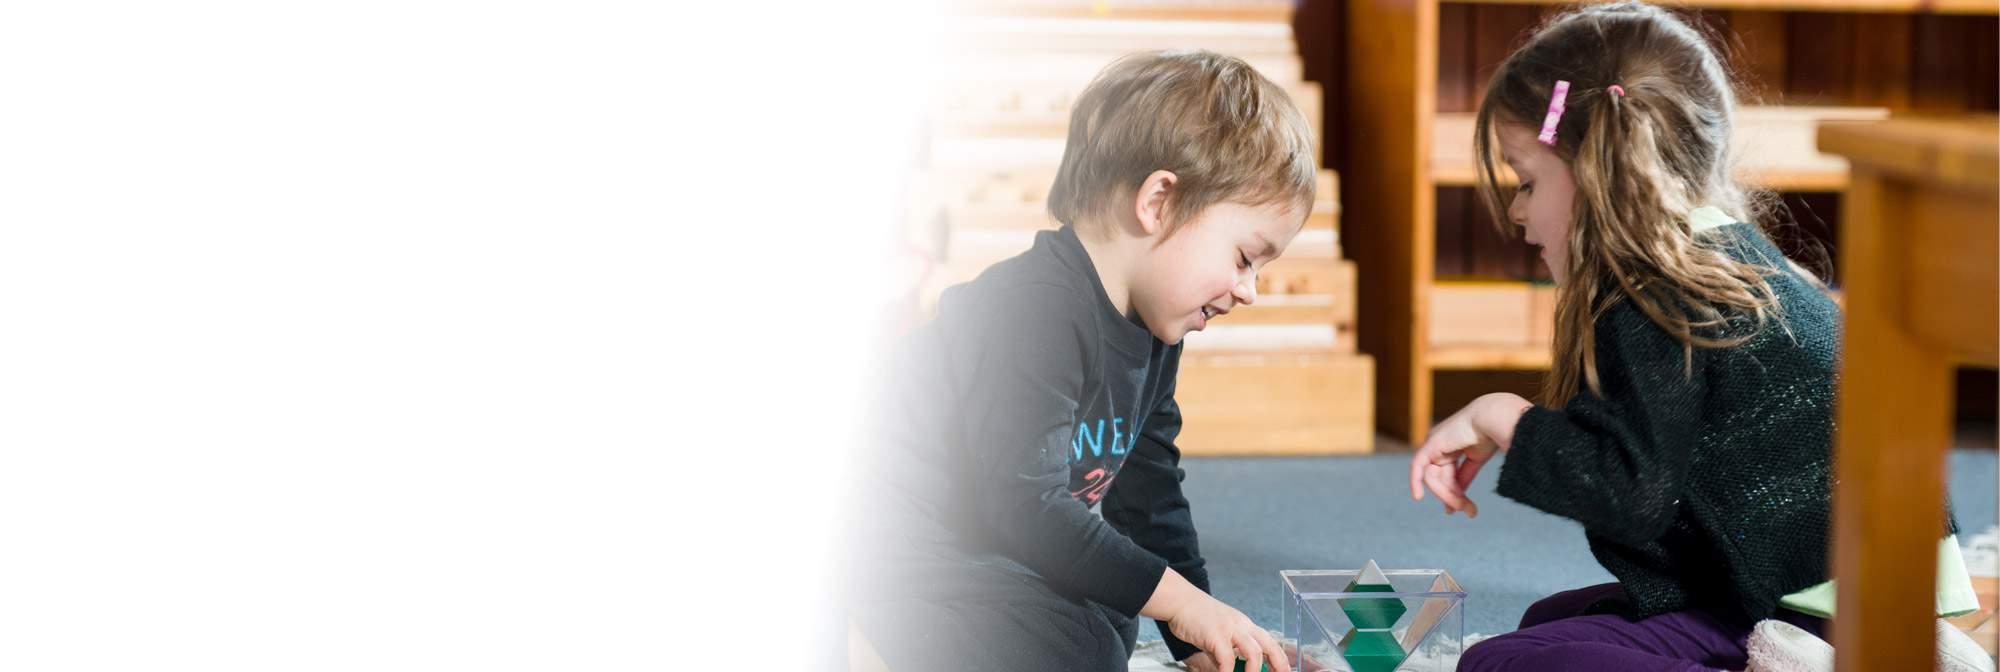 children-activities-home2